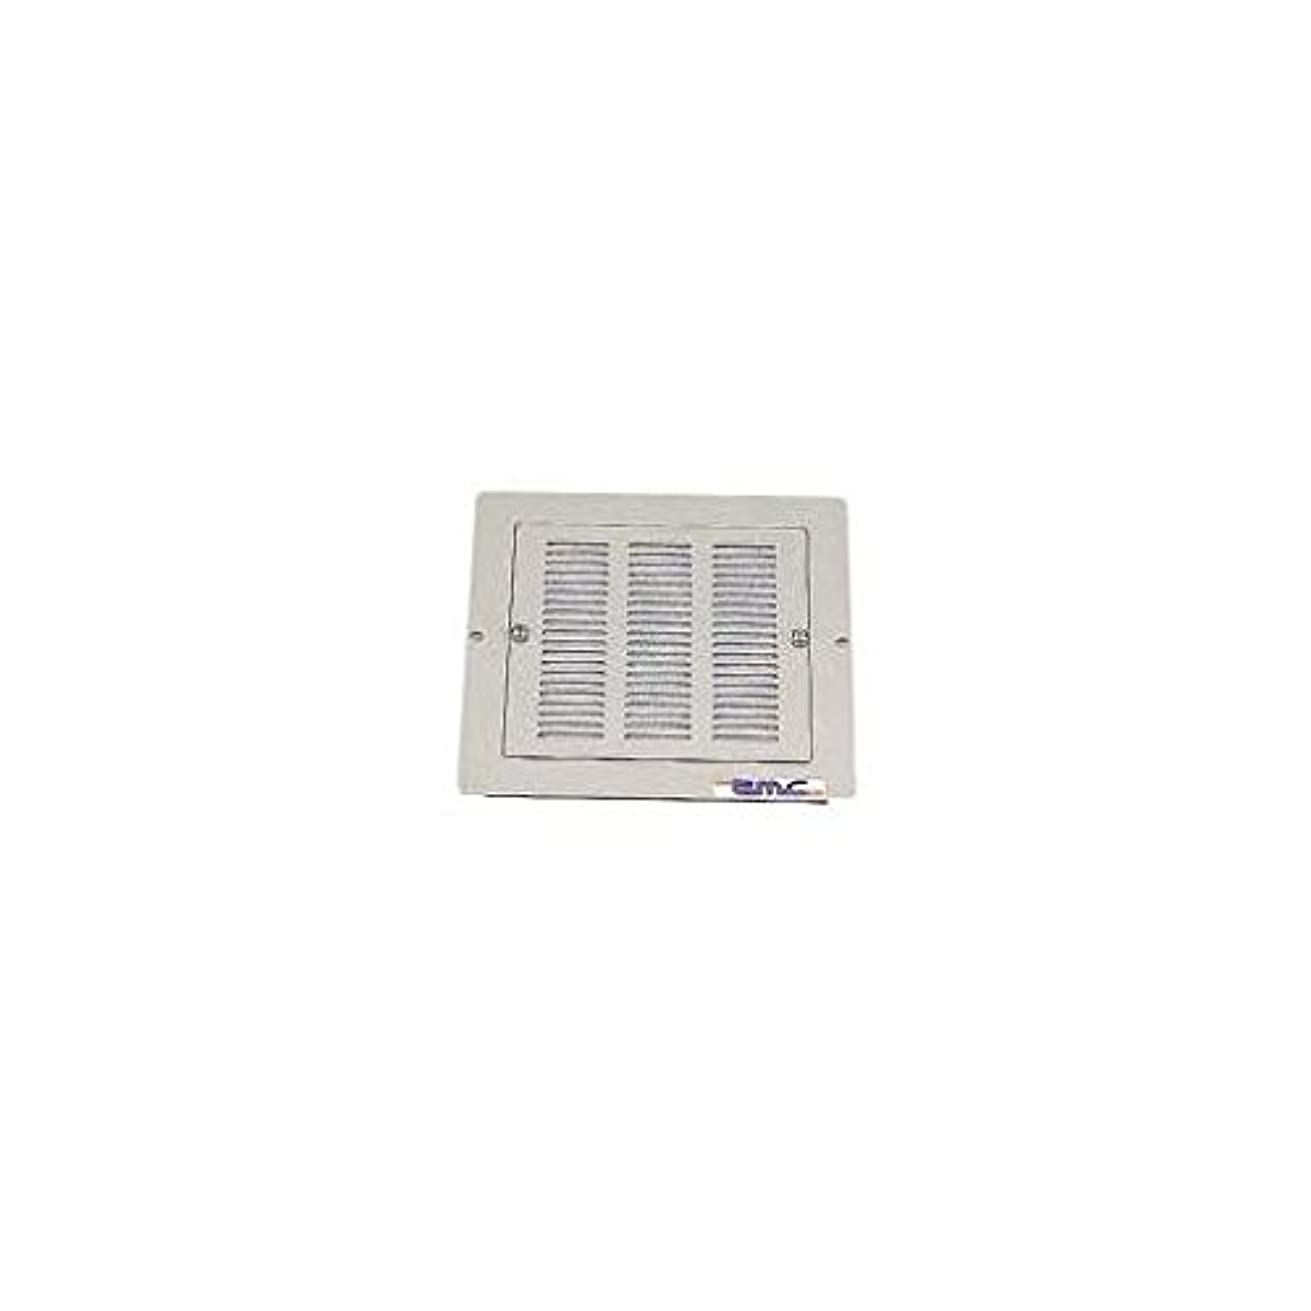 ガウンひも遅いES84749 直送 [RD43-ES] 電磁シールド(EMC)仕様フィルターカセット フィルタ付